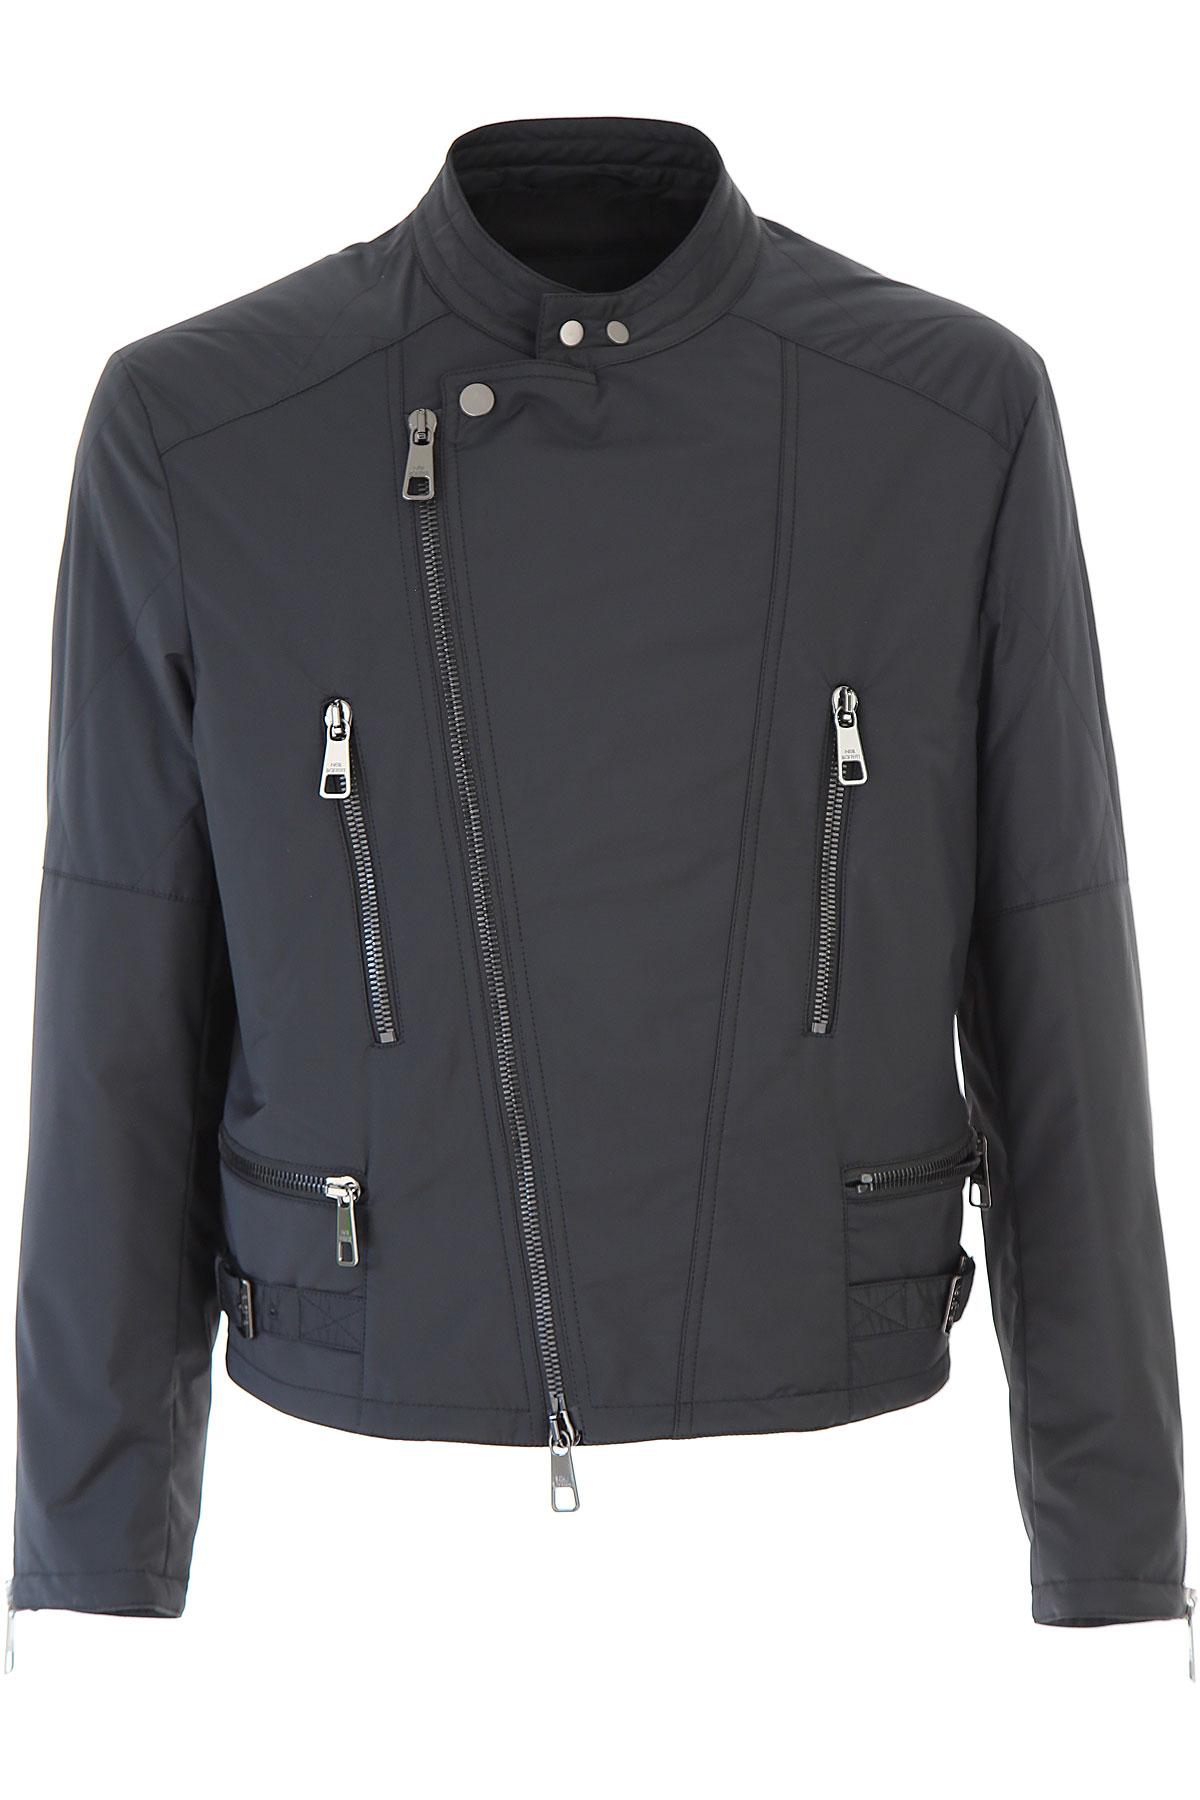 Neil Barrett Jacket for Men, Black, polyester, 2019, L M